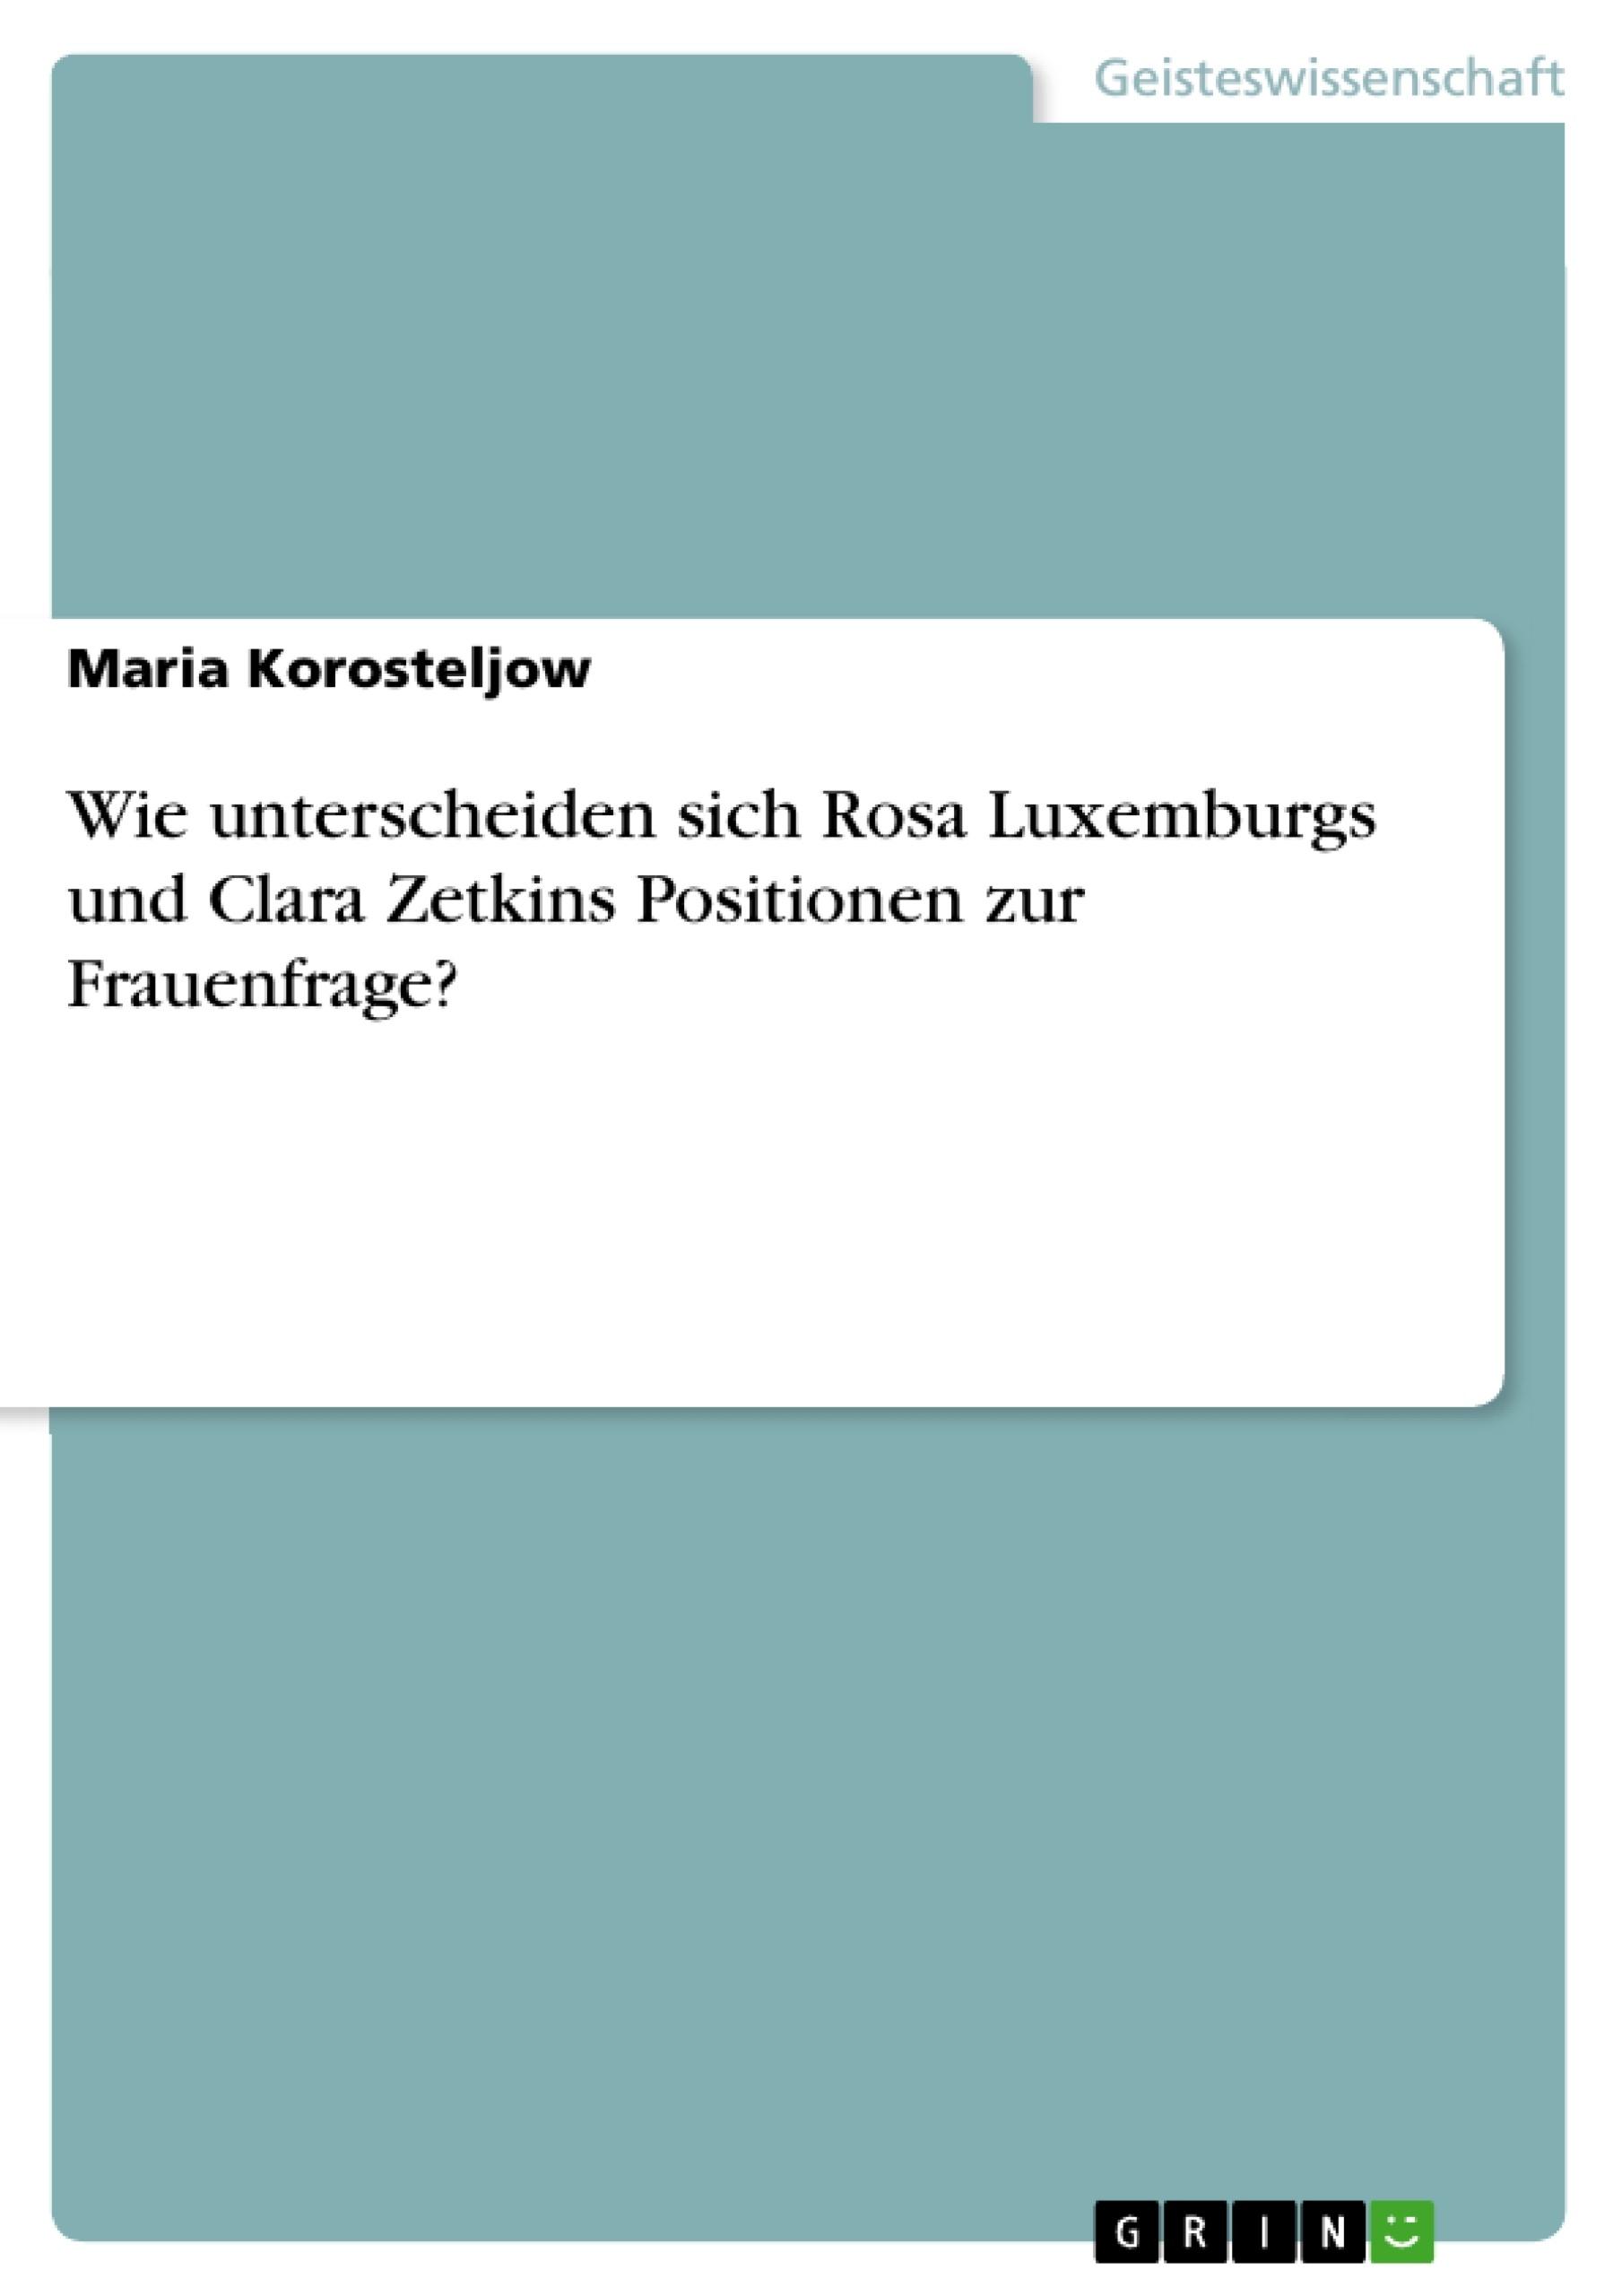 Titel: Wie unterscheiden sich Rosa Luxemburgs und Clara Zetkins Positionen zur Frauenfrage?